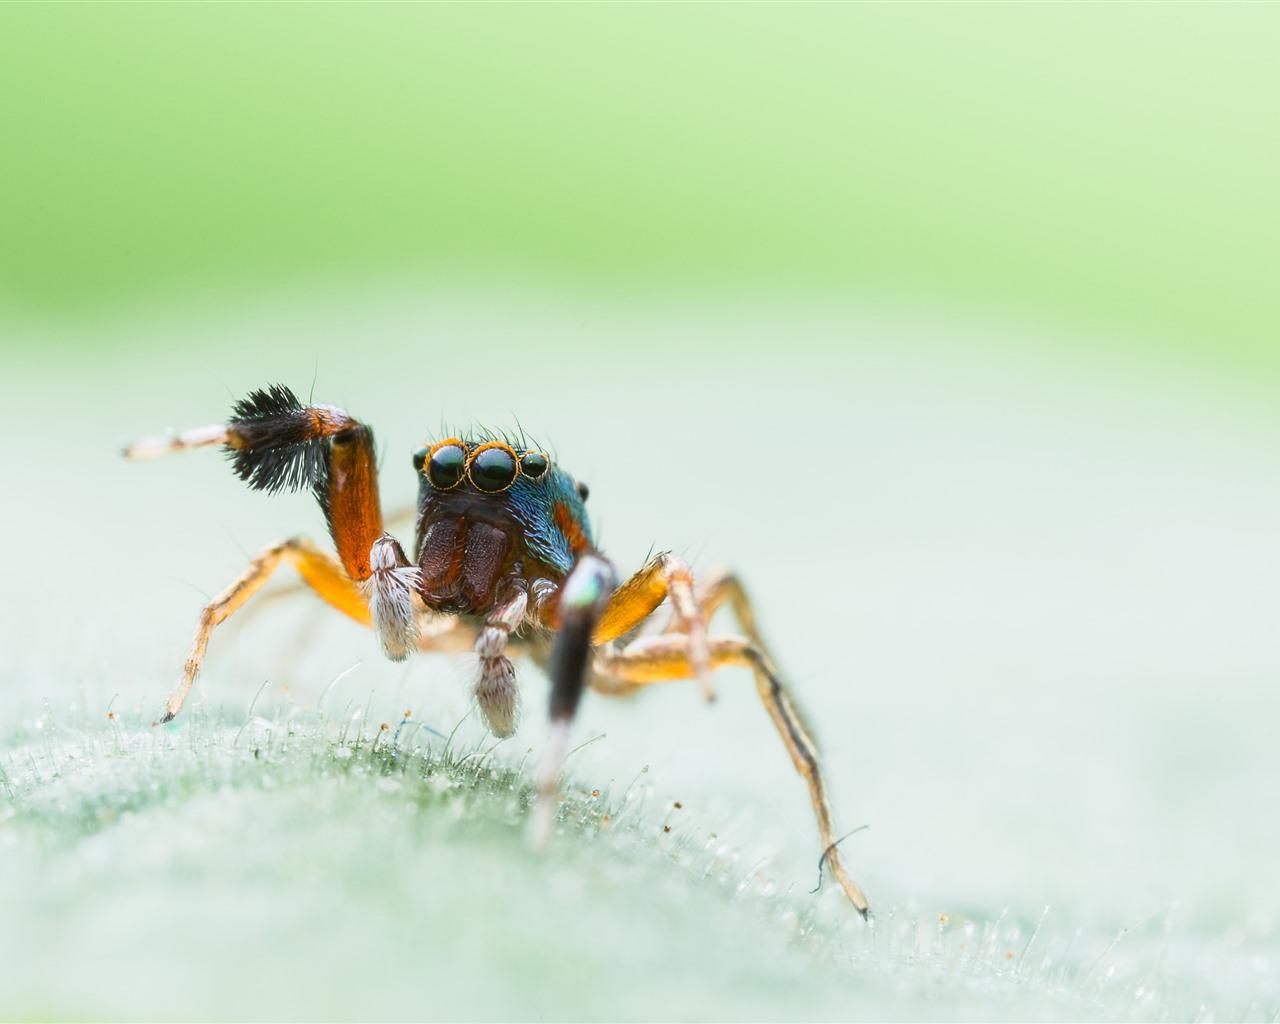 Обои насекомое, паук, лист. Макро foto 11